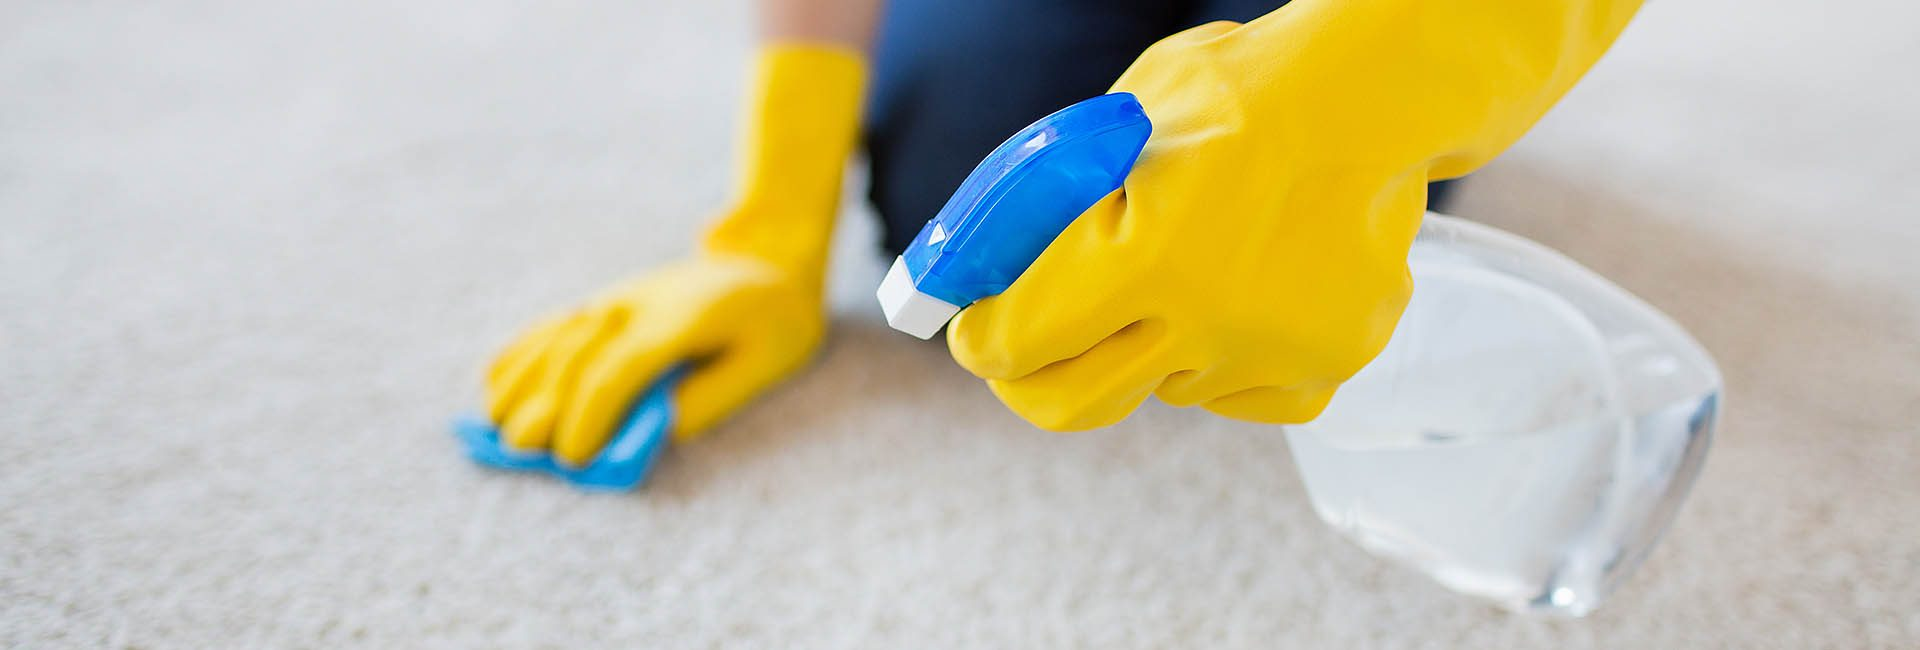 Чистка ковров в домашних условиях 87